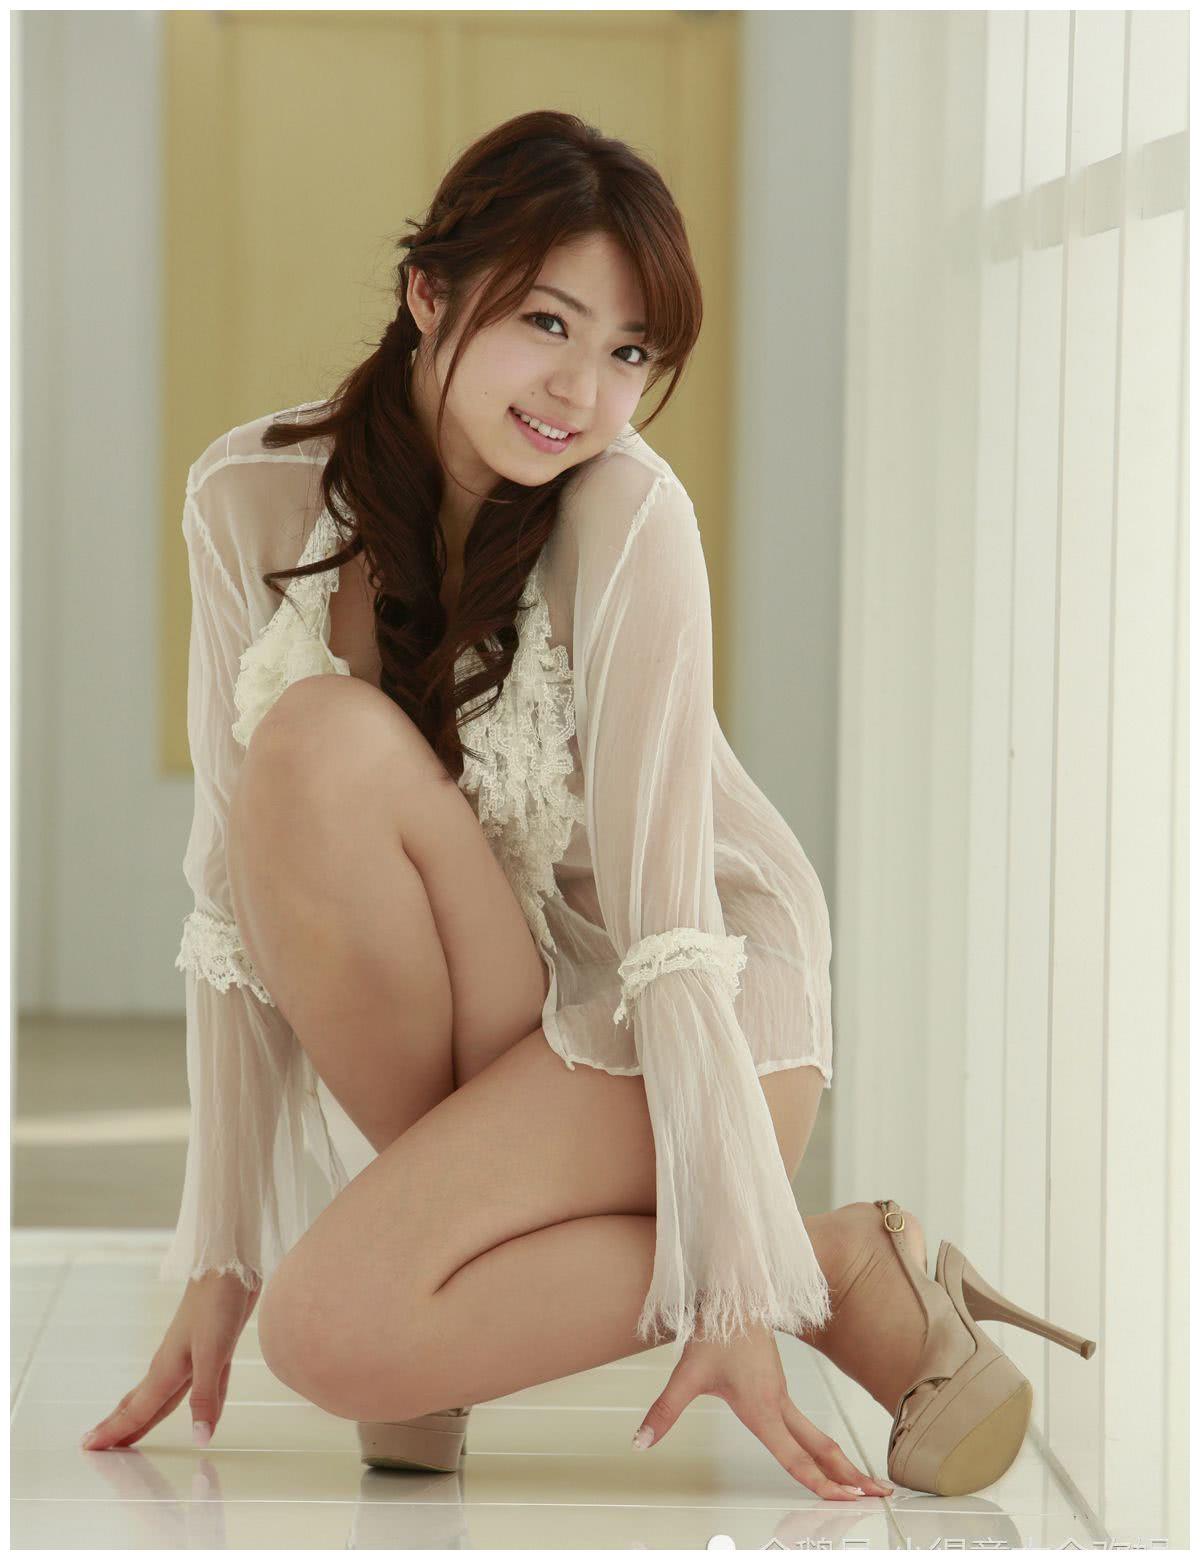 日本人气模特,中村静香,萌女般的写真偶像